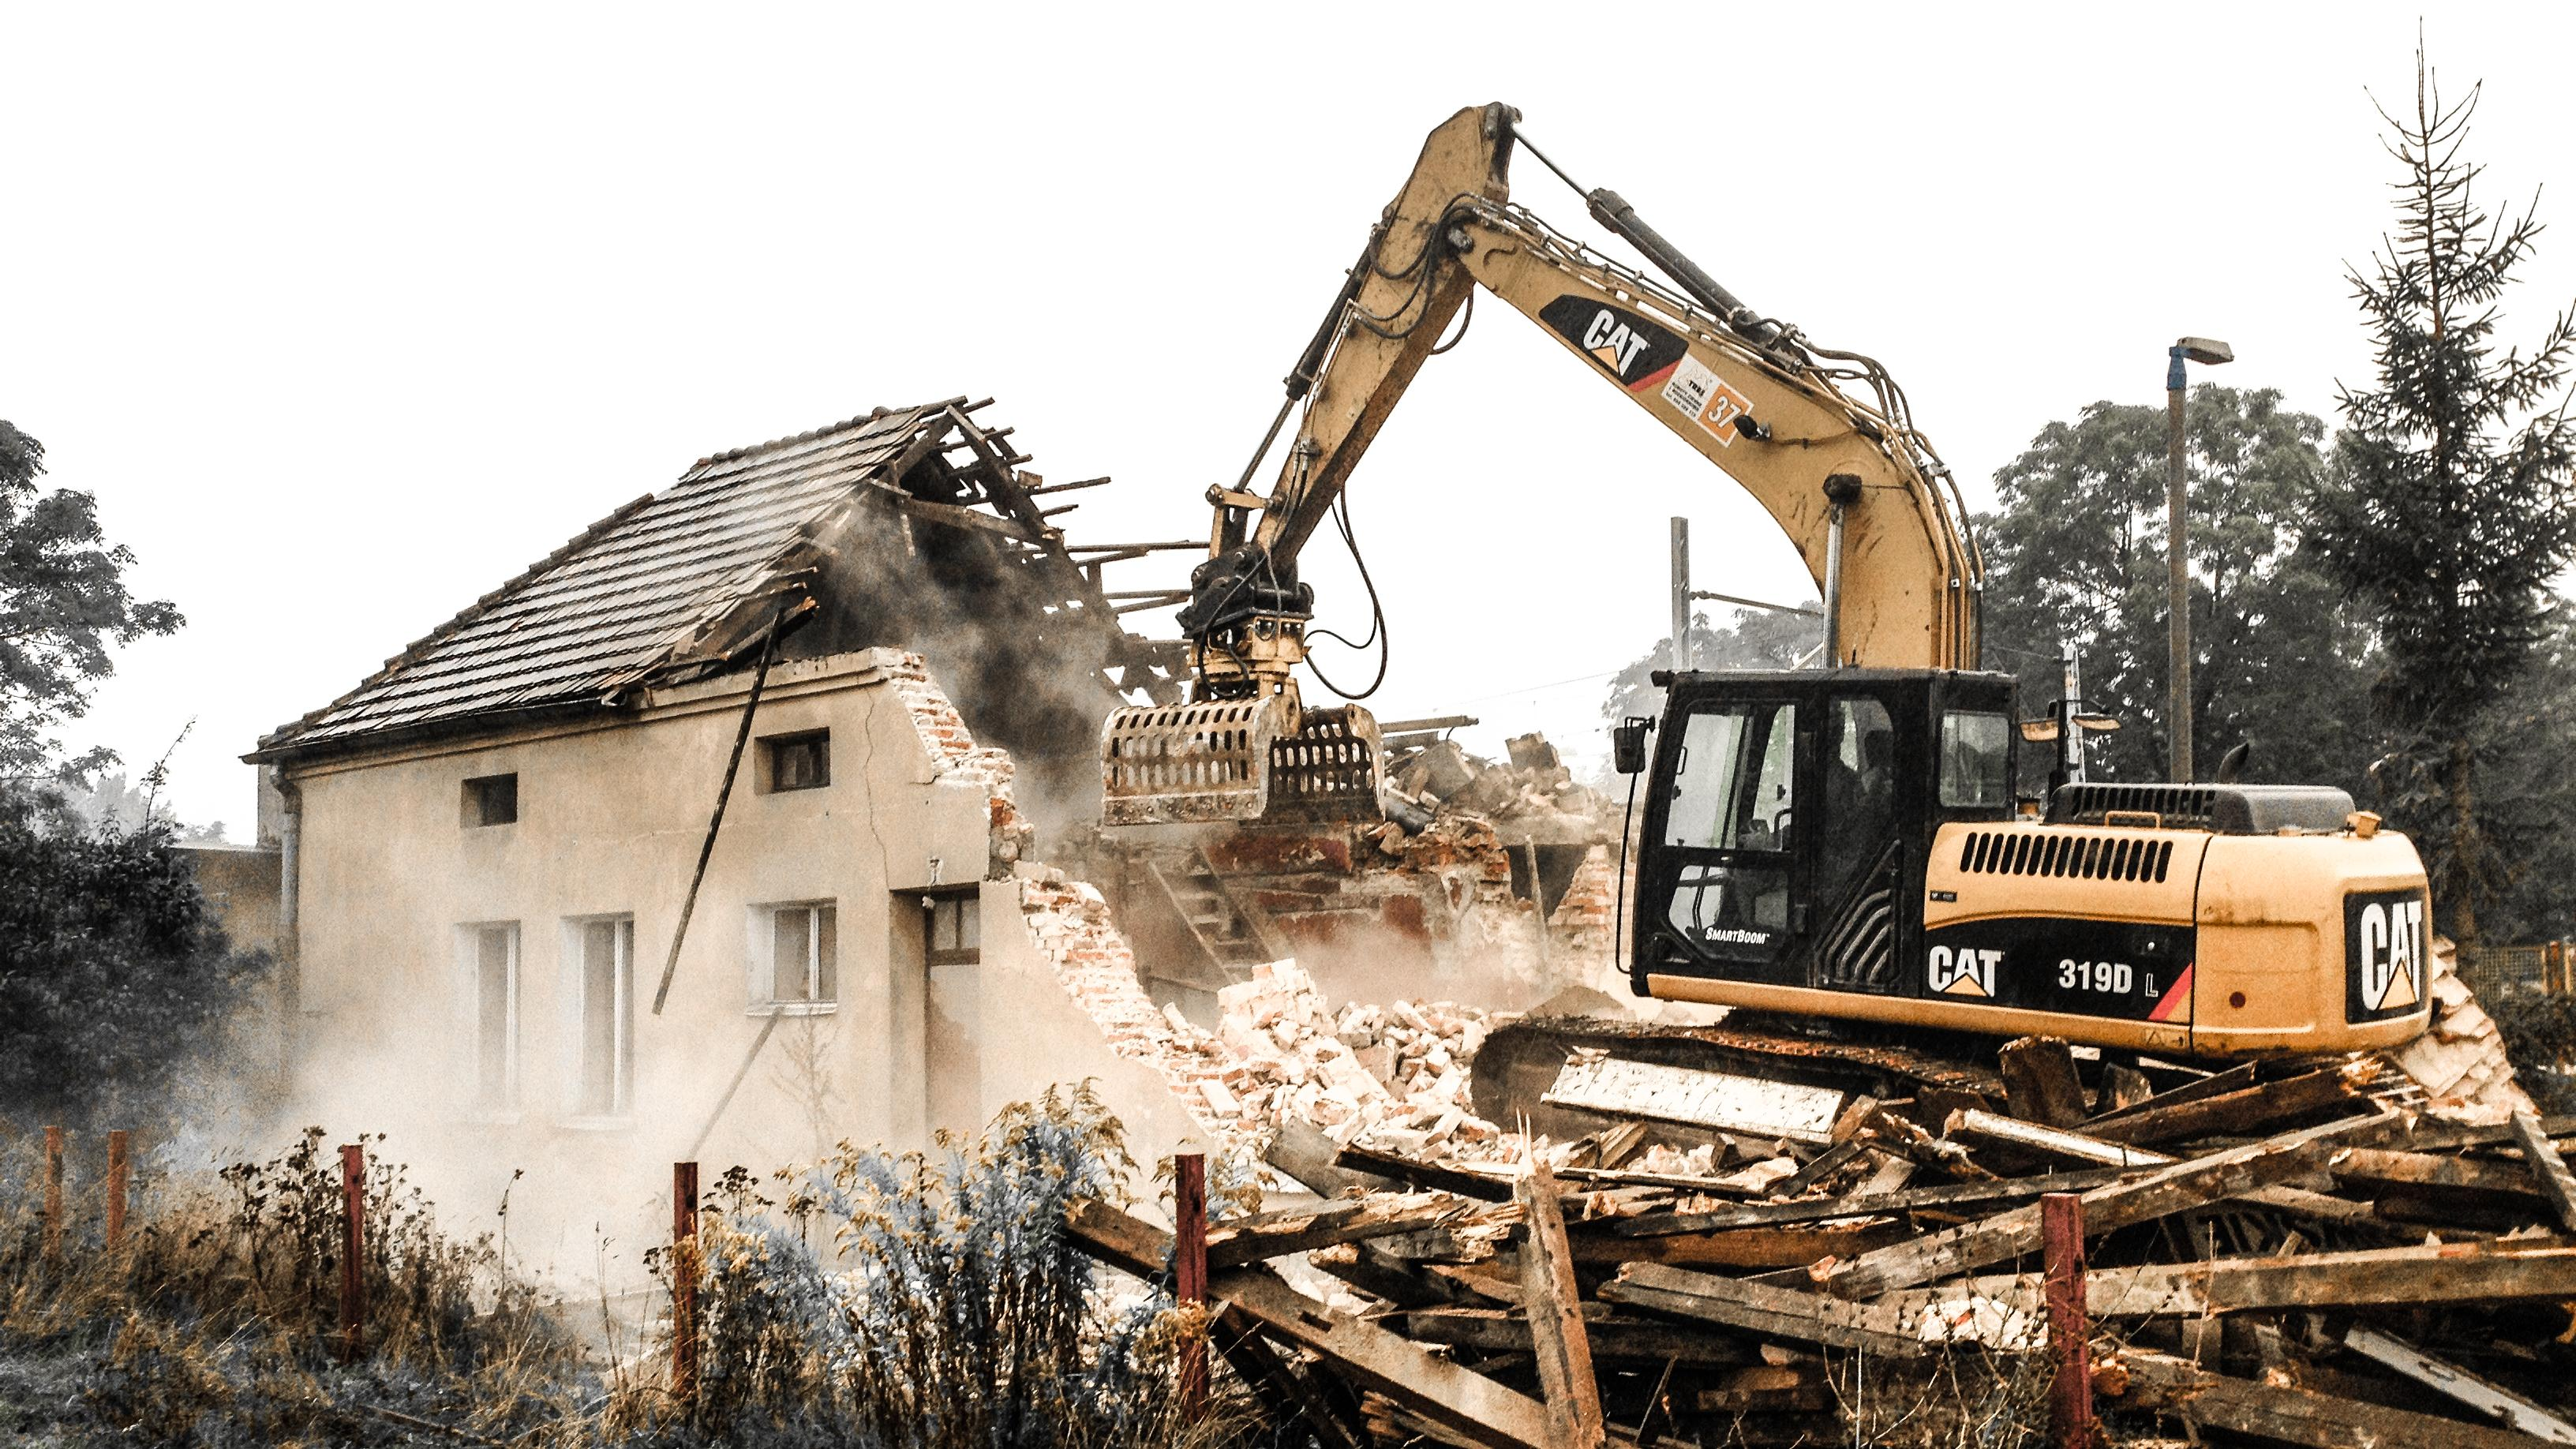 rozbiórka domu koparka grupa tree